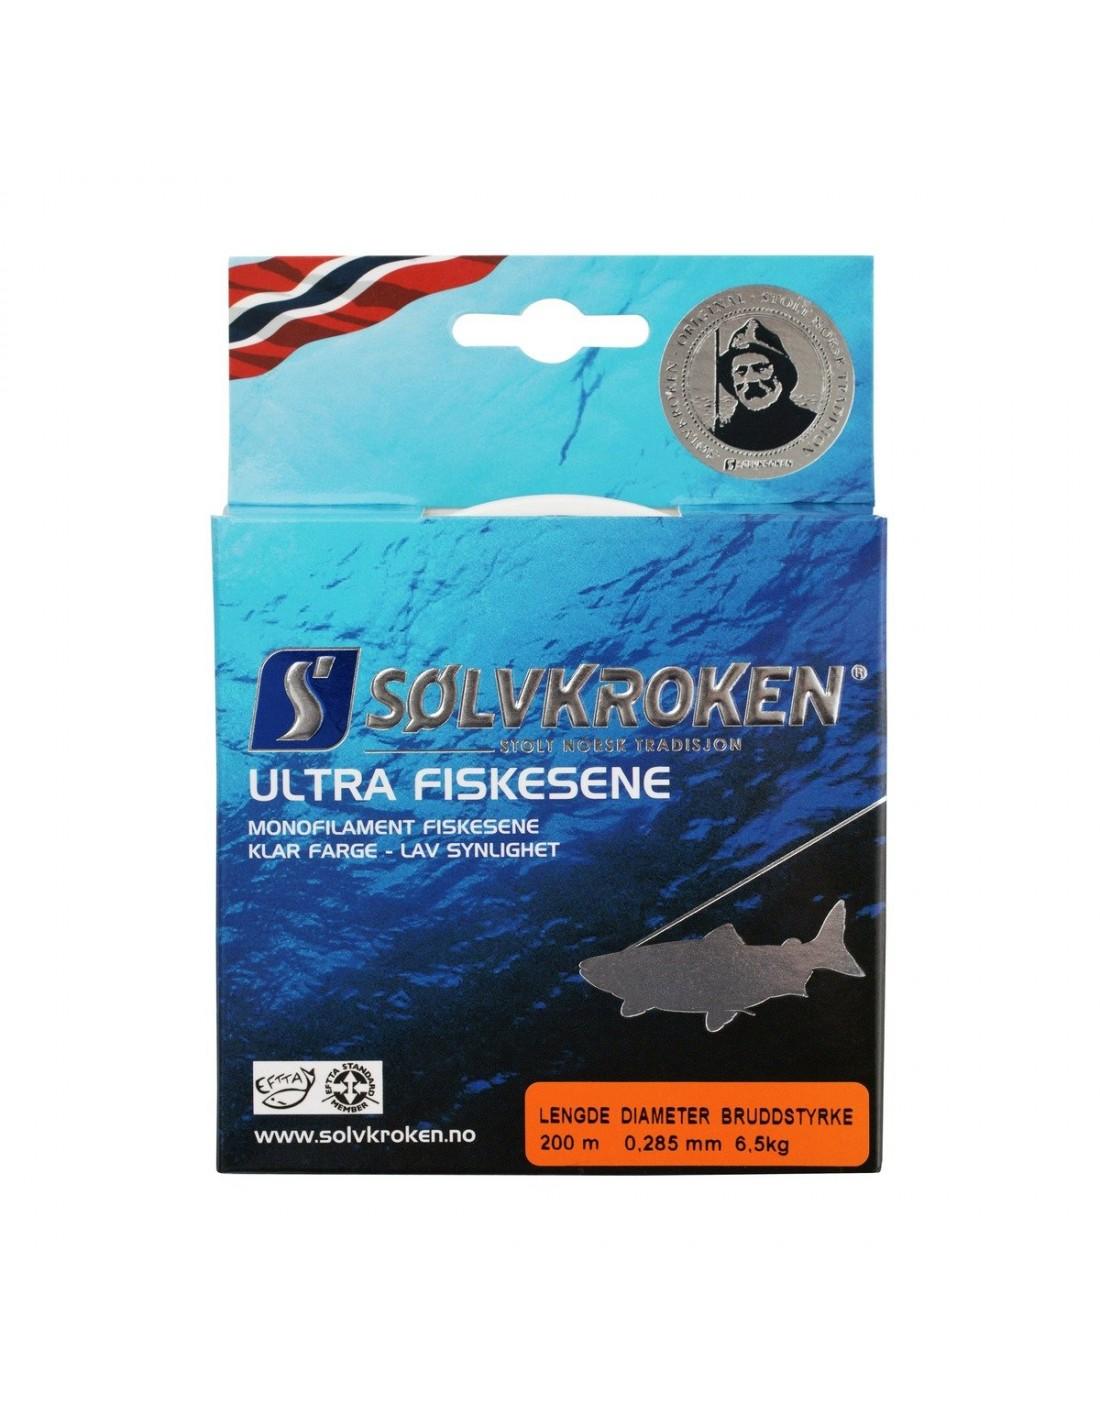 Sener Sølvkroken Ultra Sene Clear 507708 169 kr